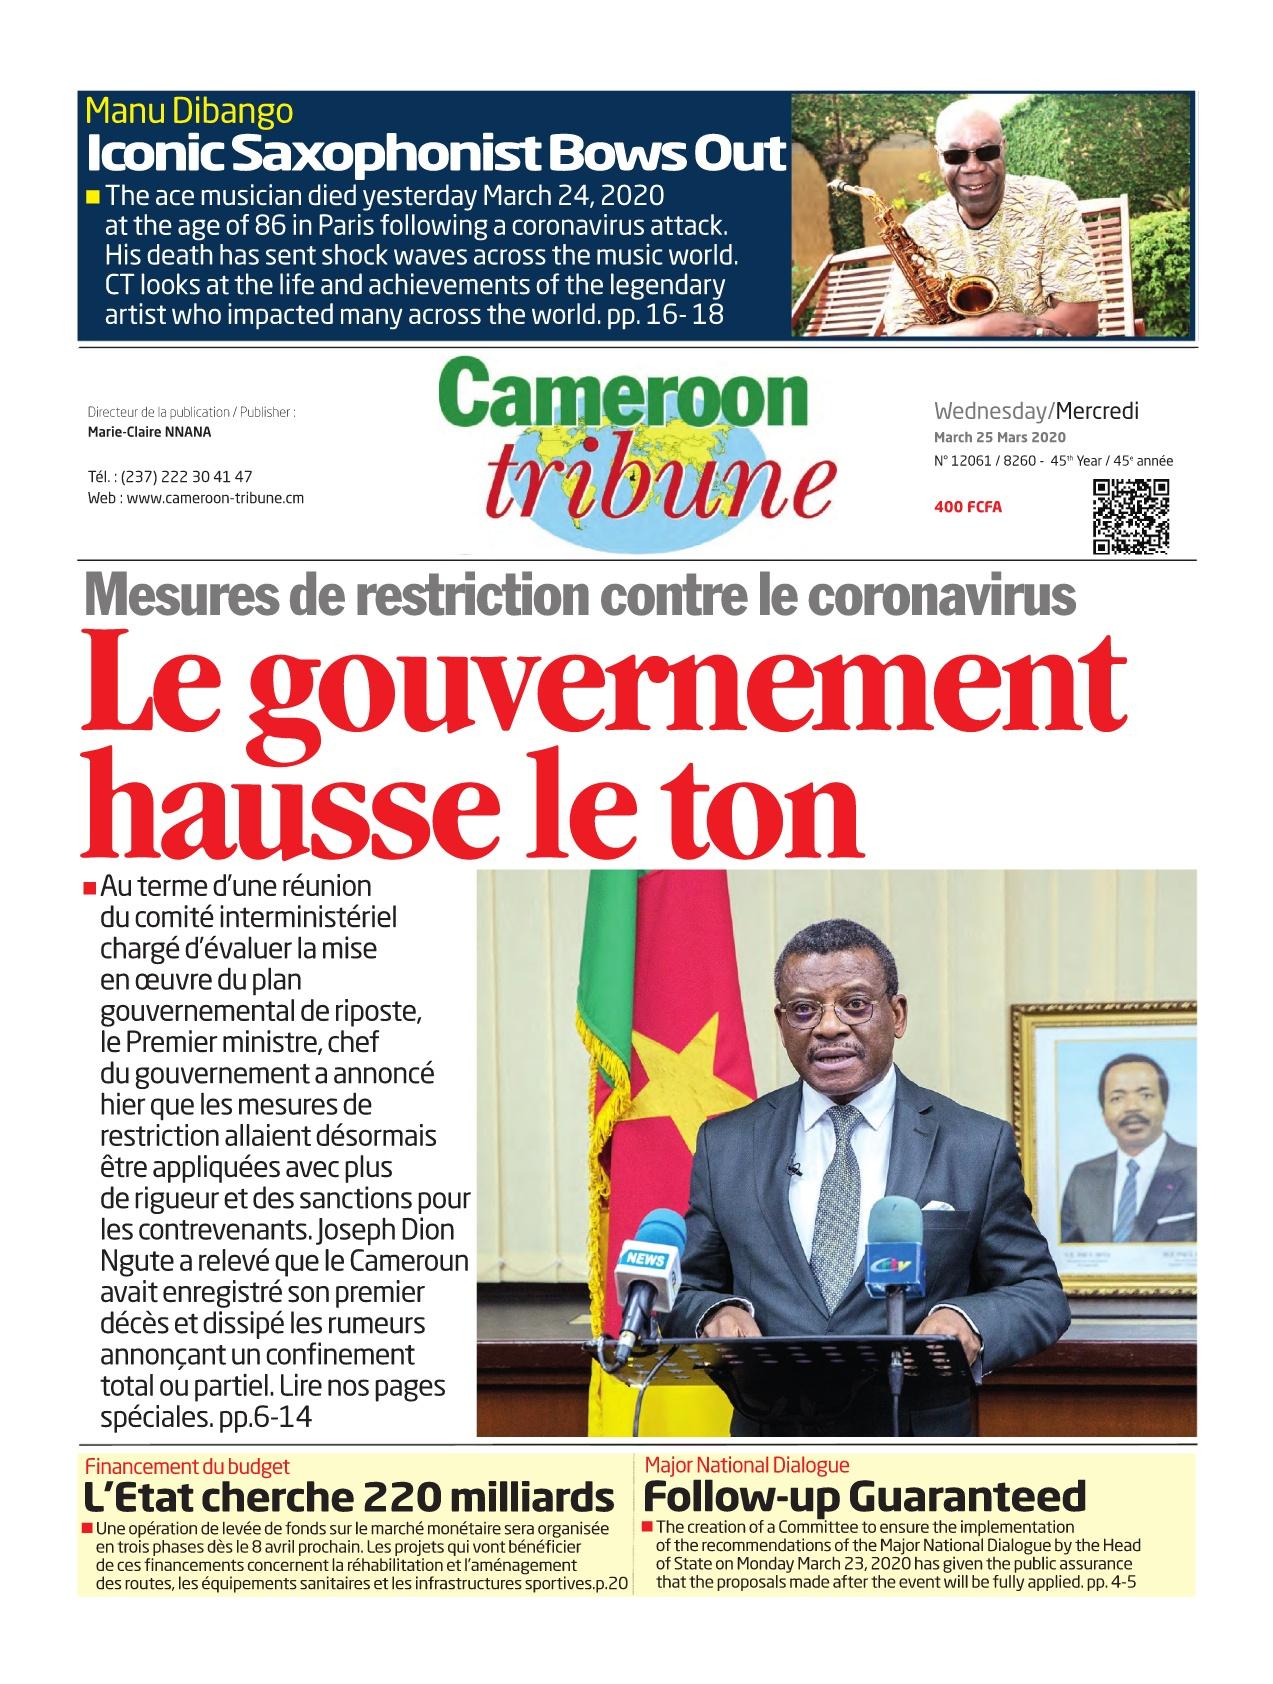 Cameroon Tribune - 25/03/2020